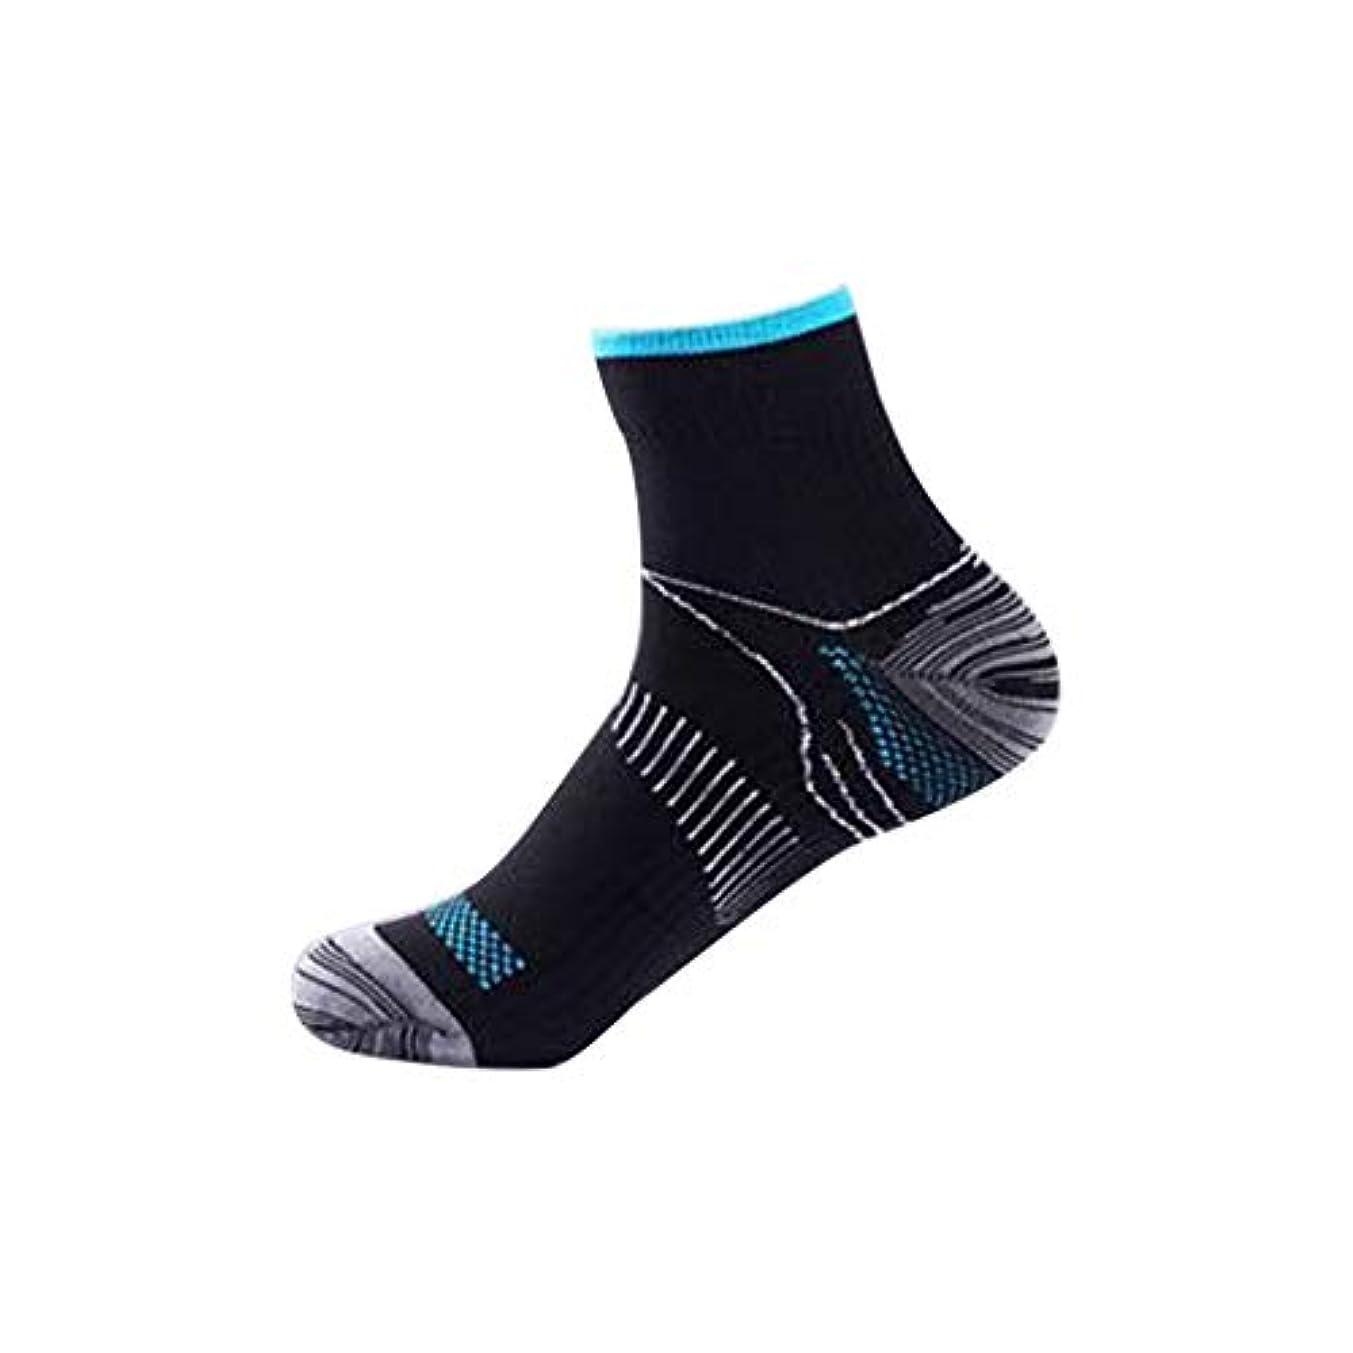 恵み害ビデオ快適な男性の女性の膝の靴下のサポートストレッチ通気性の靴下の下の短いストレッチ圧縮の靴下